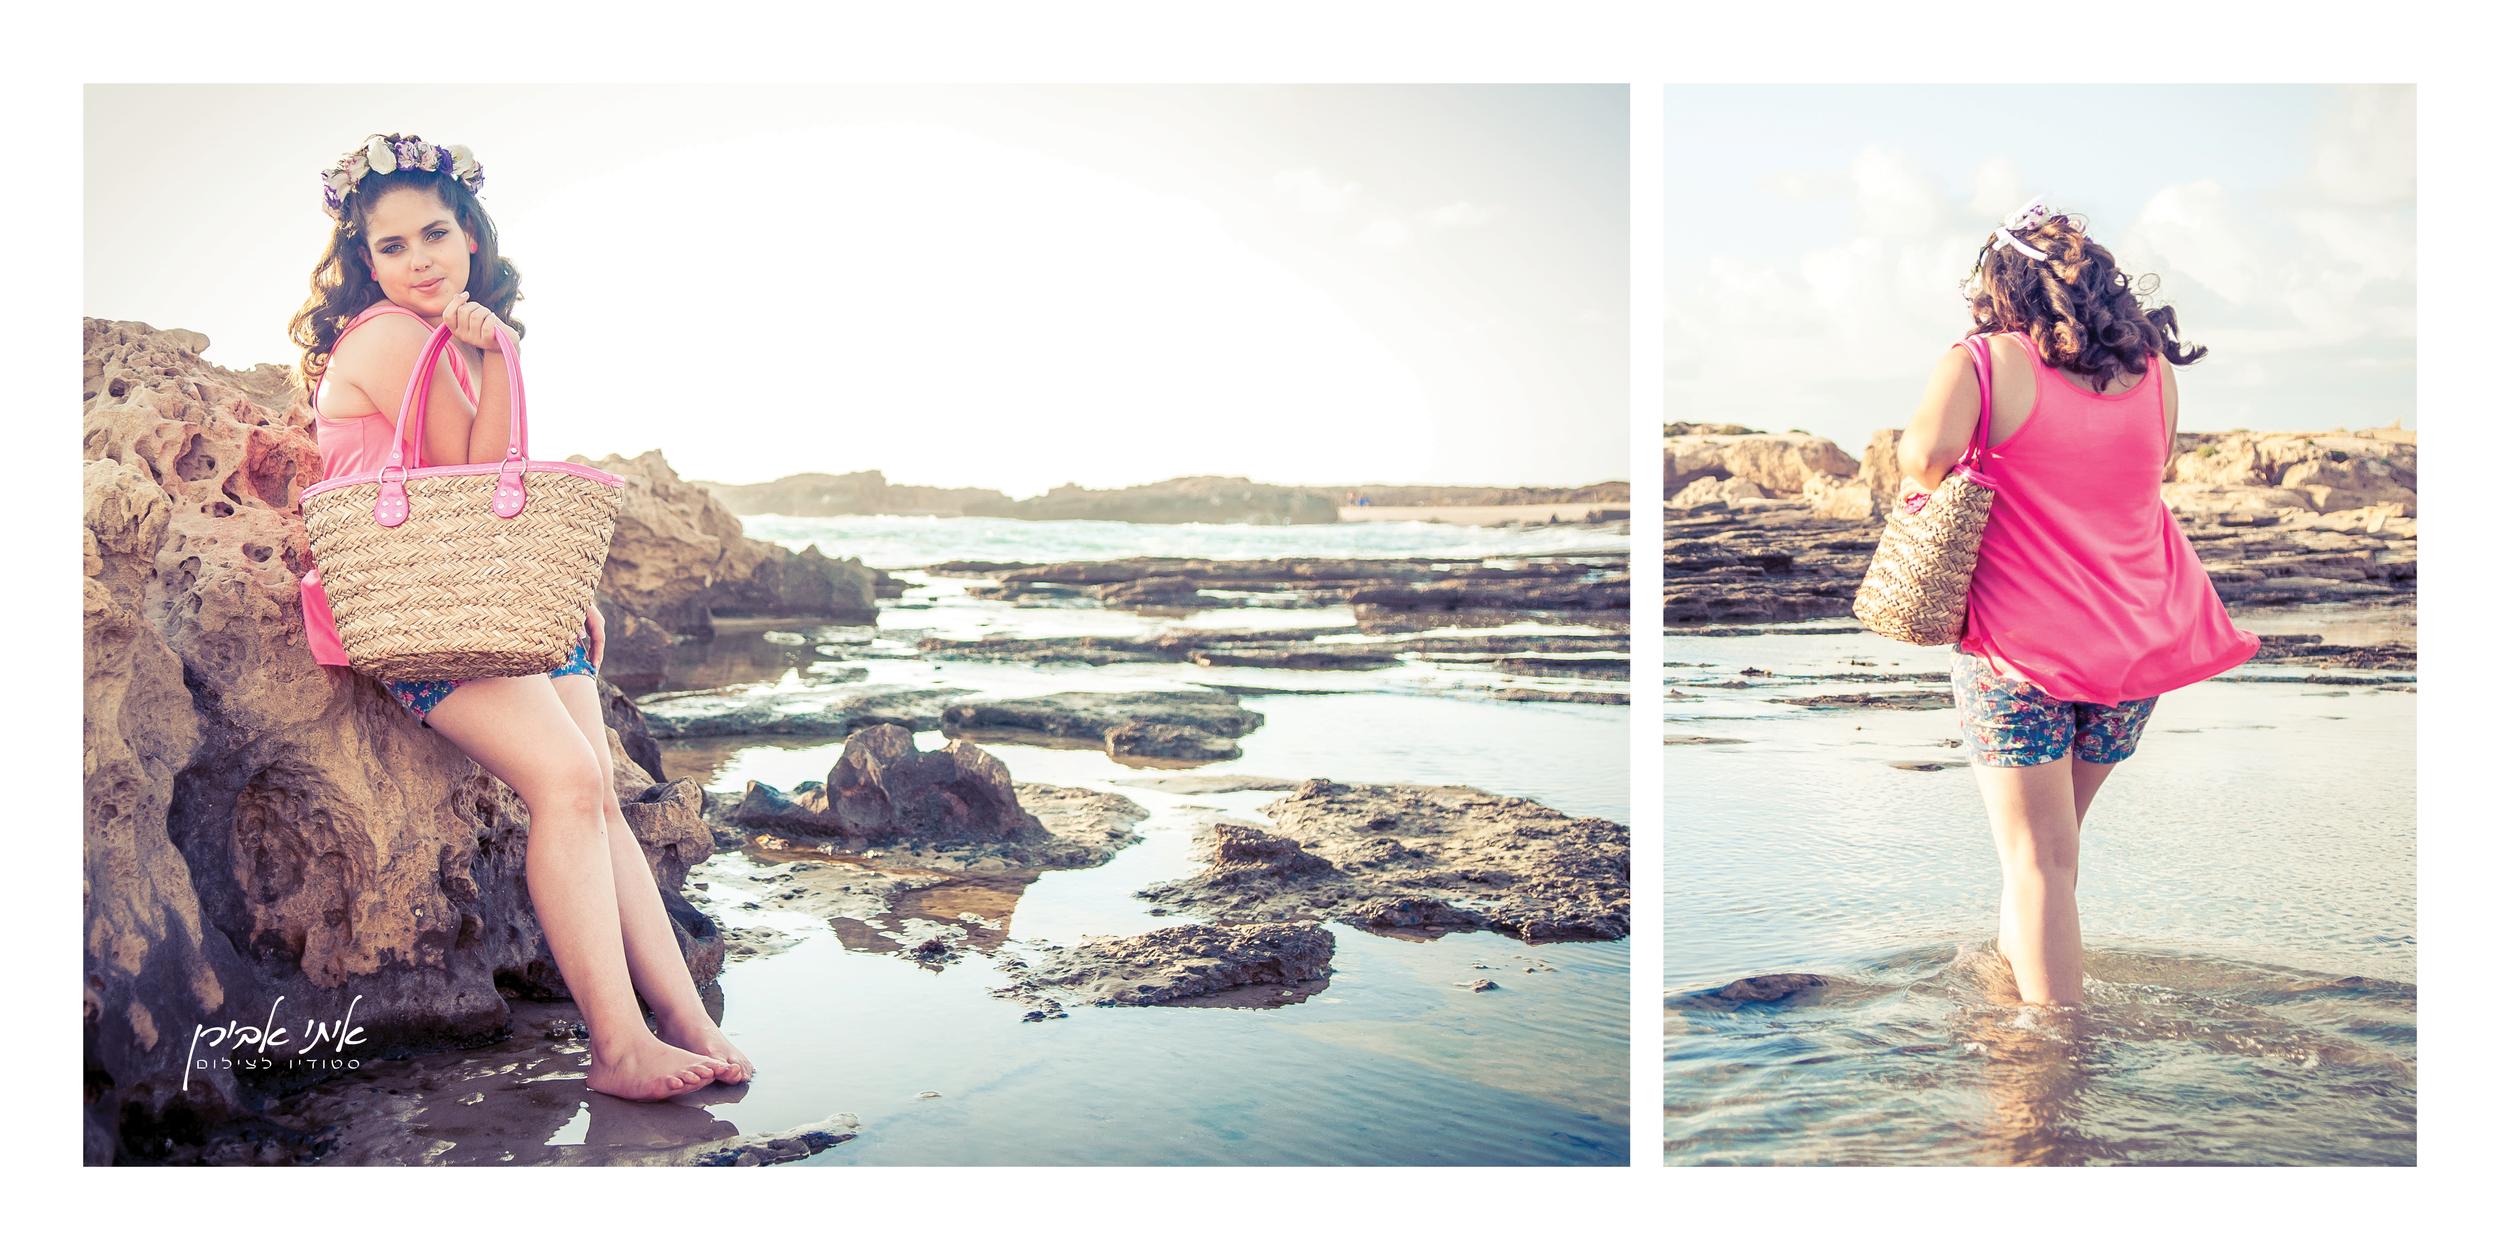 צילום בוק בת מצווה בים, צילום חוץ לבוק בת מצווה, סטודיו איתי אבירן